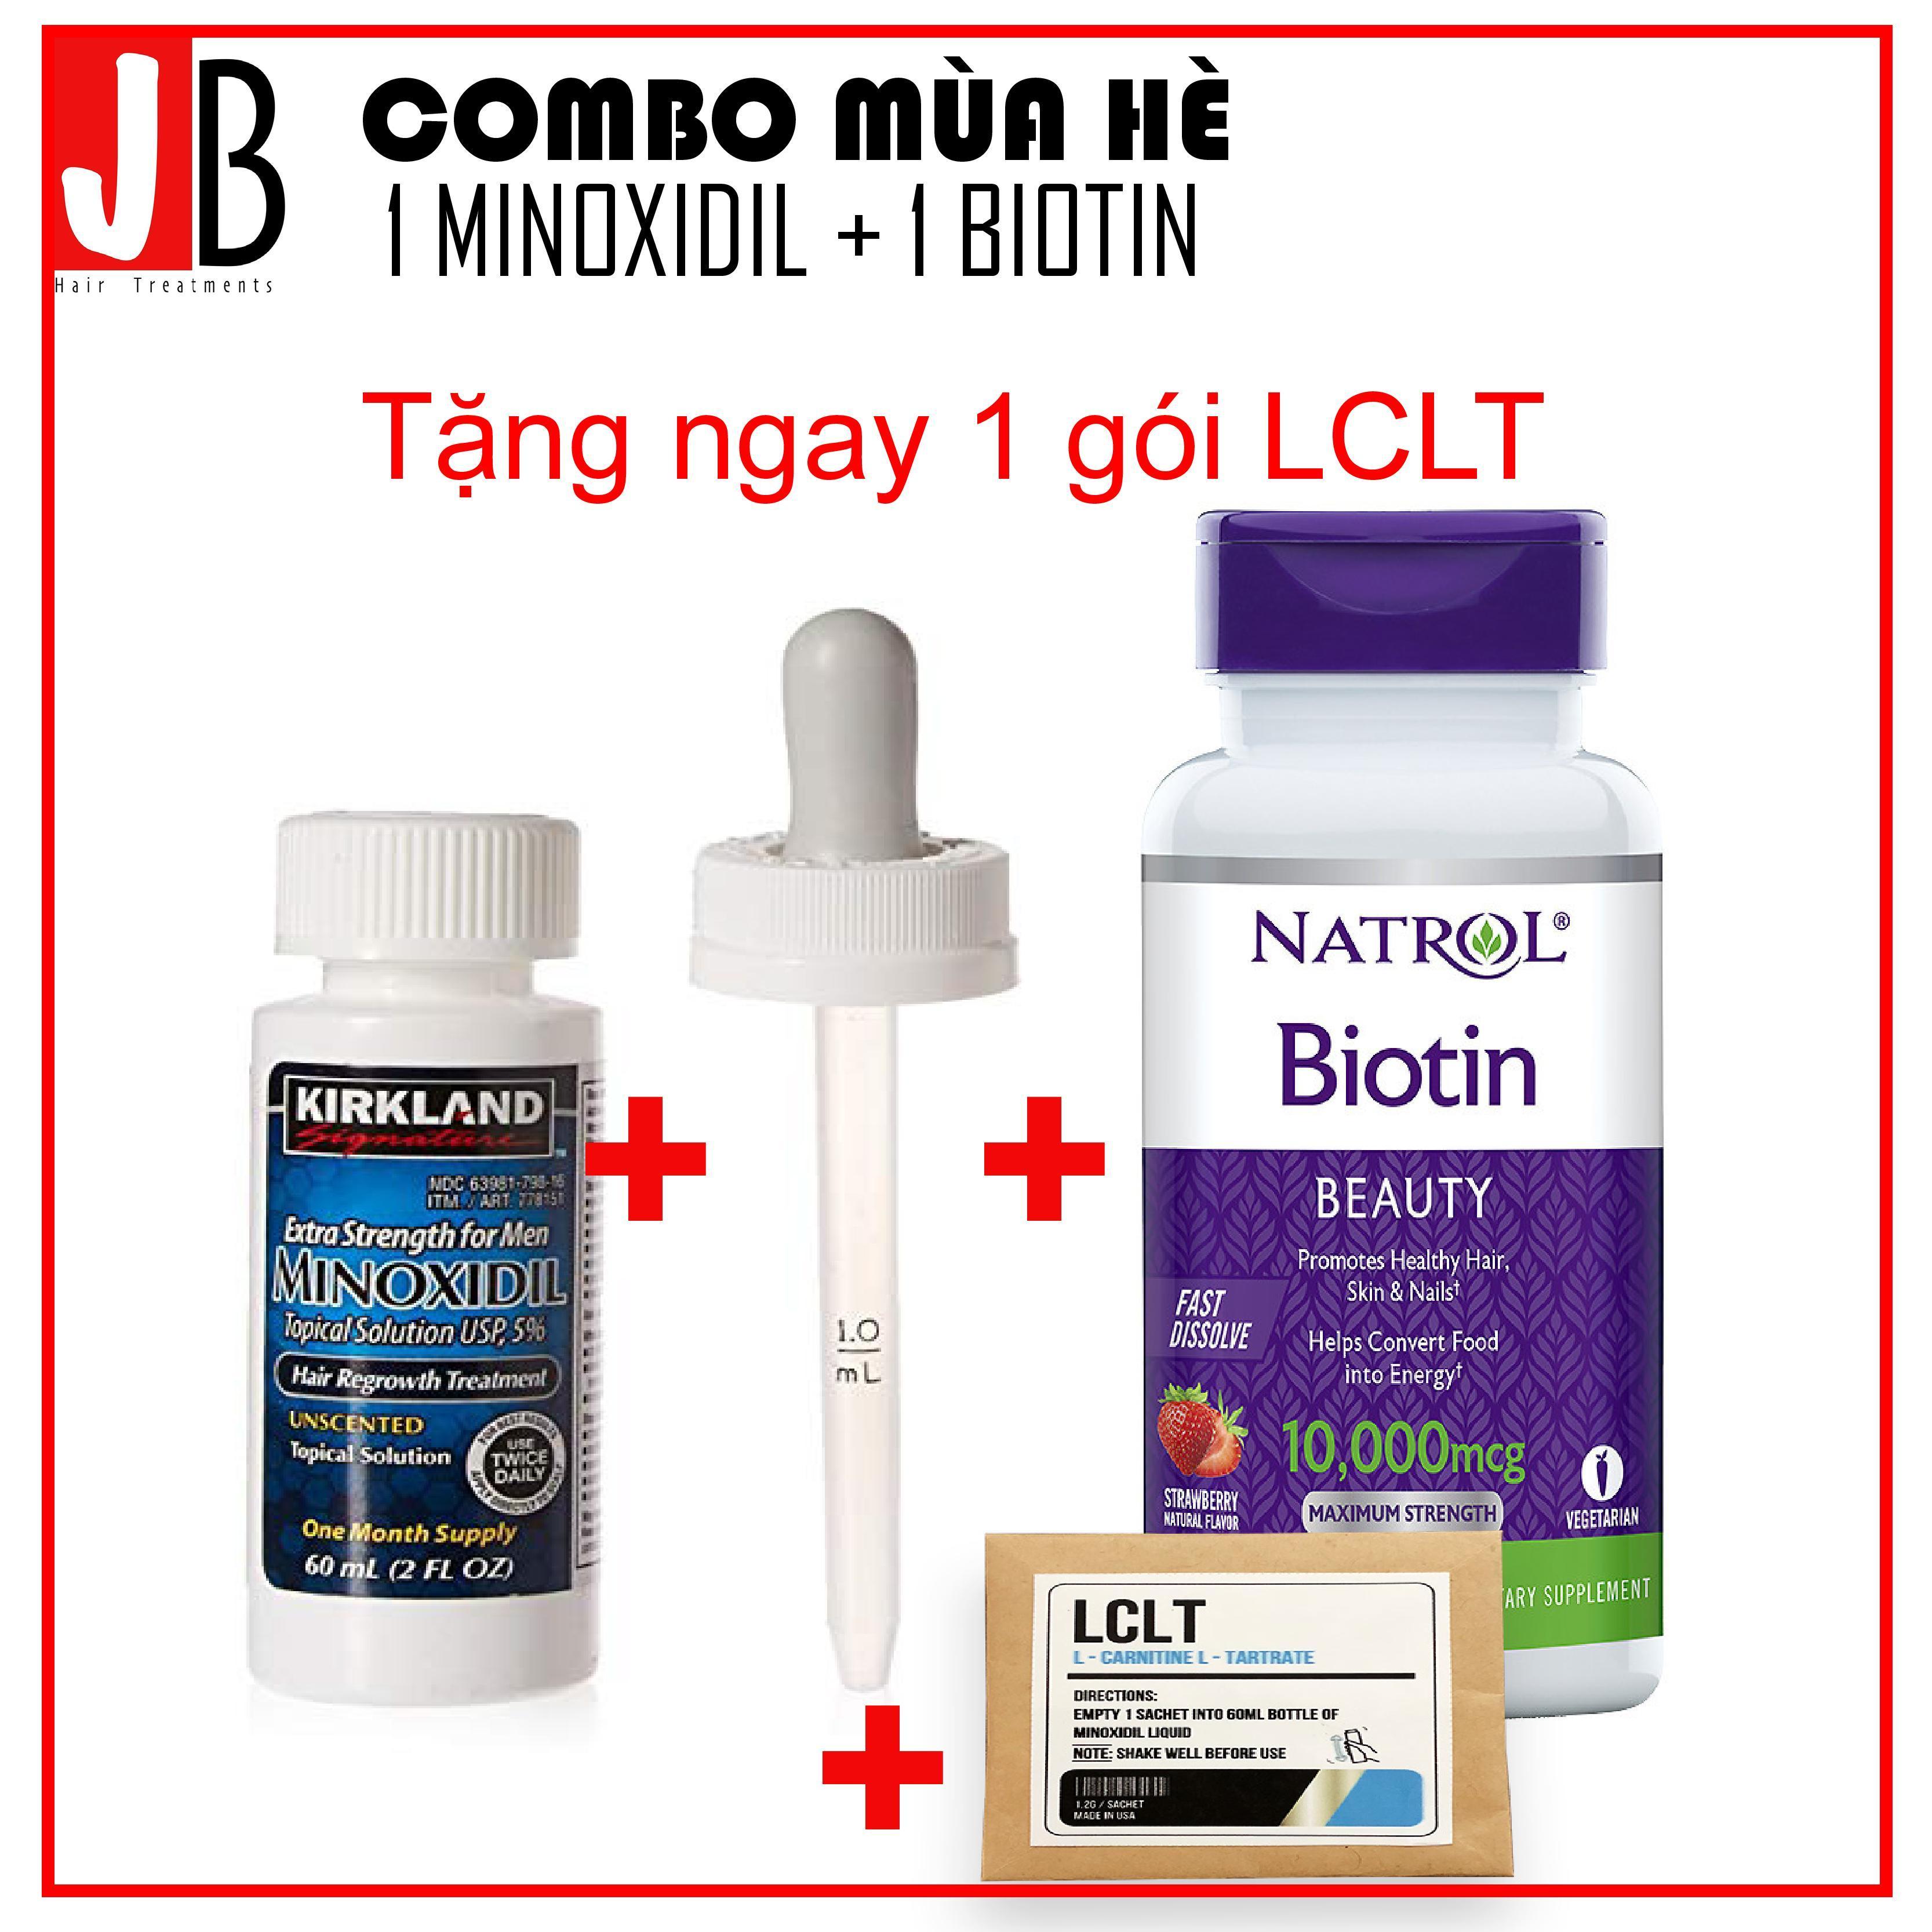 Combo Thuốc mọc tóc Minoxidil + Biotin, tặng kèm LCLT và ống bơm zin giá rẻ